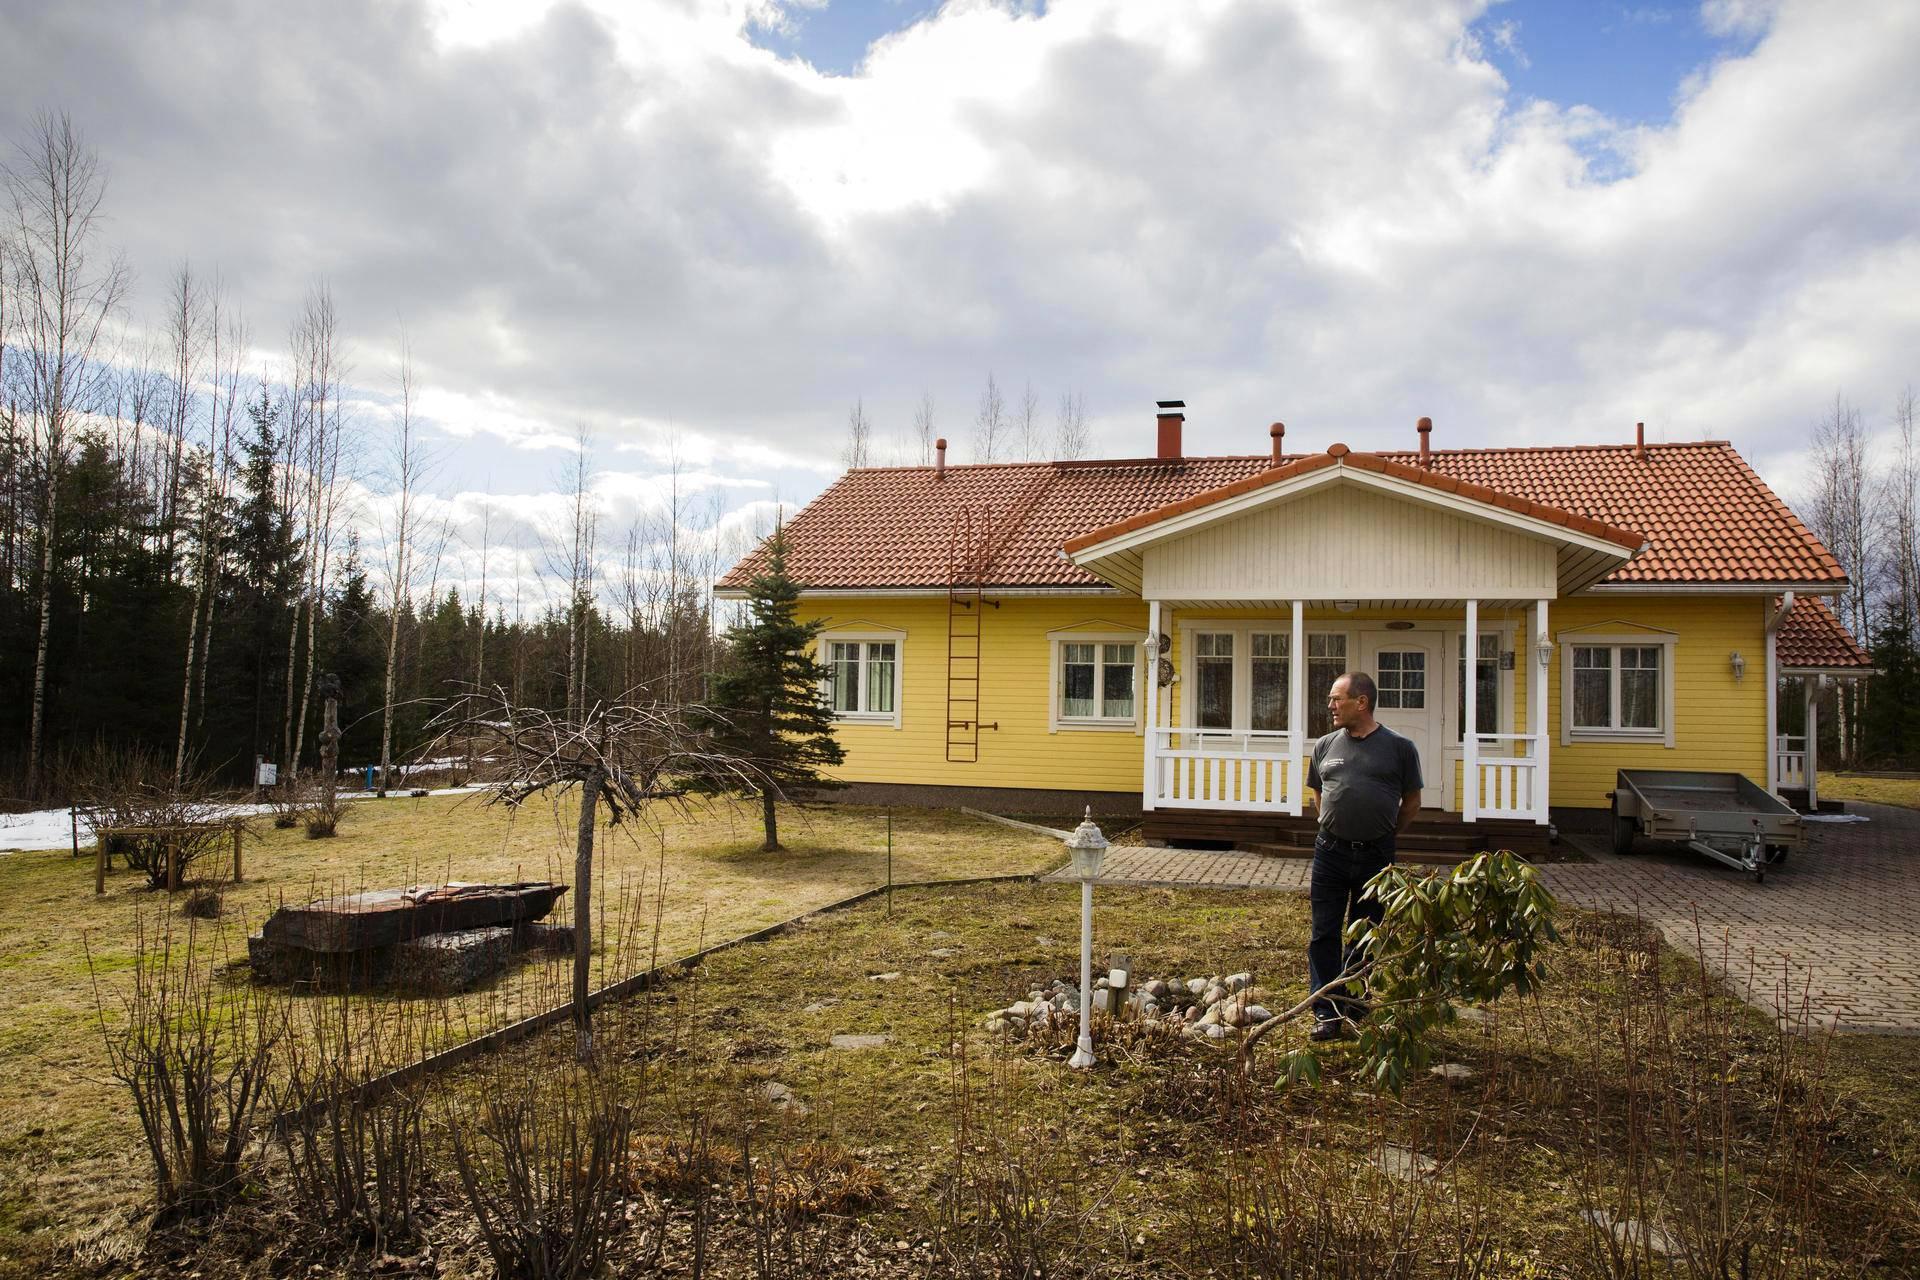 Etupihan kukkamaa muistuttaa Kari Valtosta entisestä avovaimosta. Ollessaan kotona Joutsan pohjoispuolella sijaitsevassa talossaan Valtonen viihtyy eniten pihalla puutöissä.